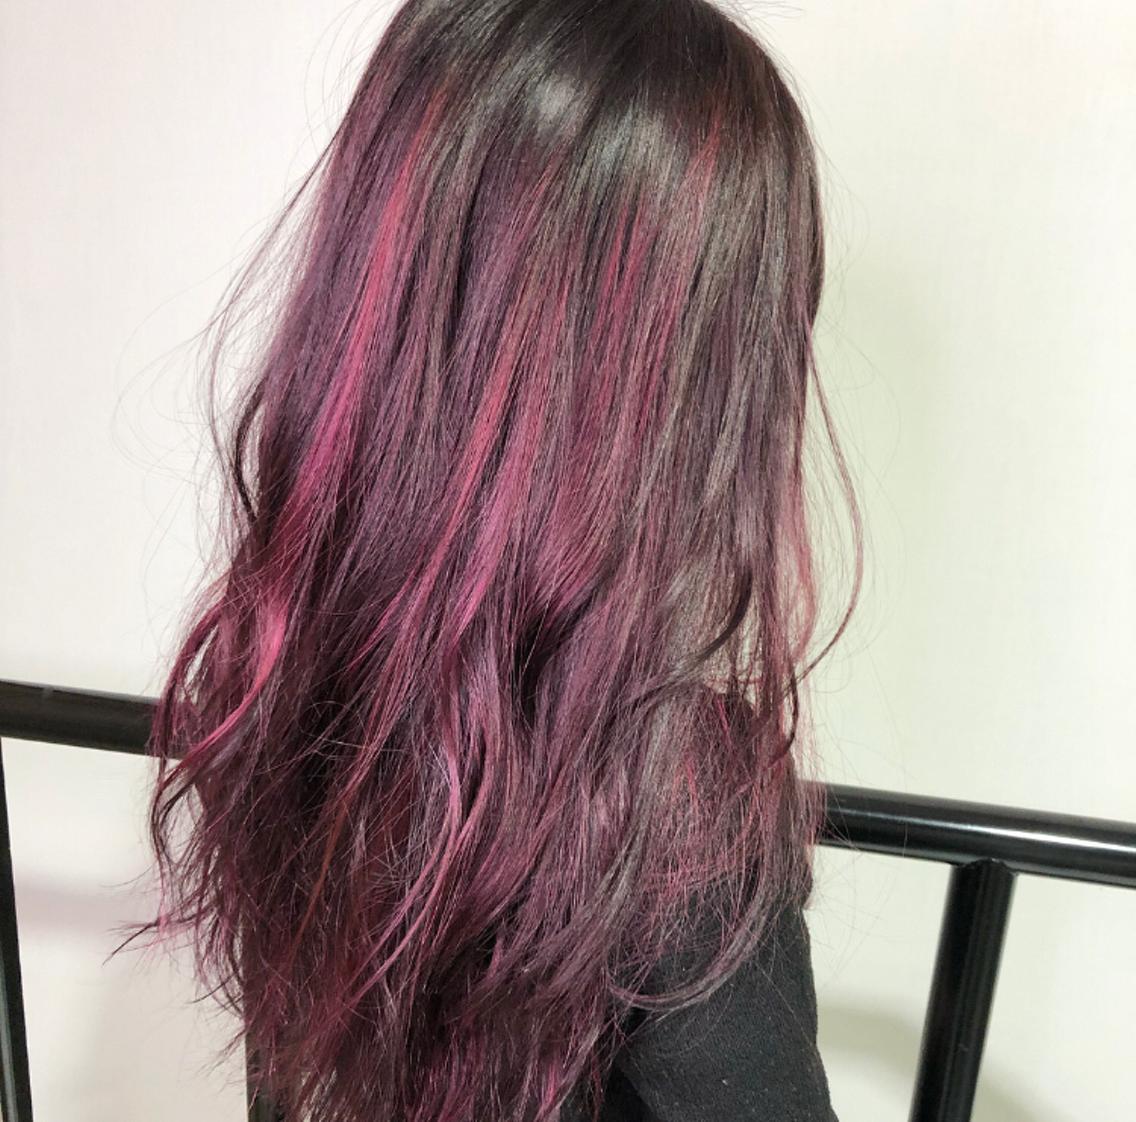 #ロング #カラー ピンクハイライト!!  ハイライト得意です!